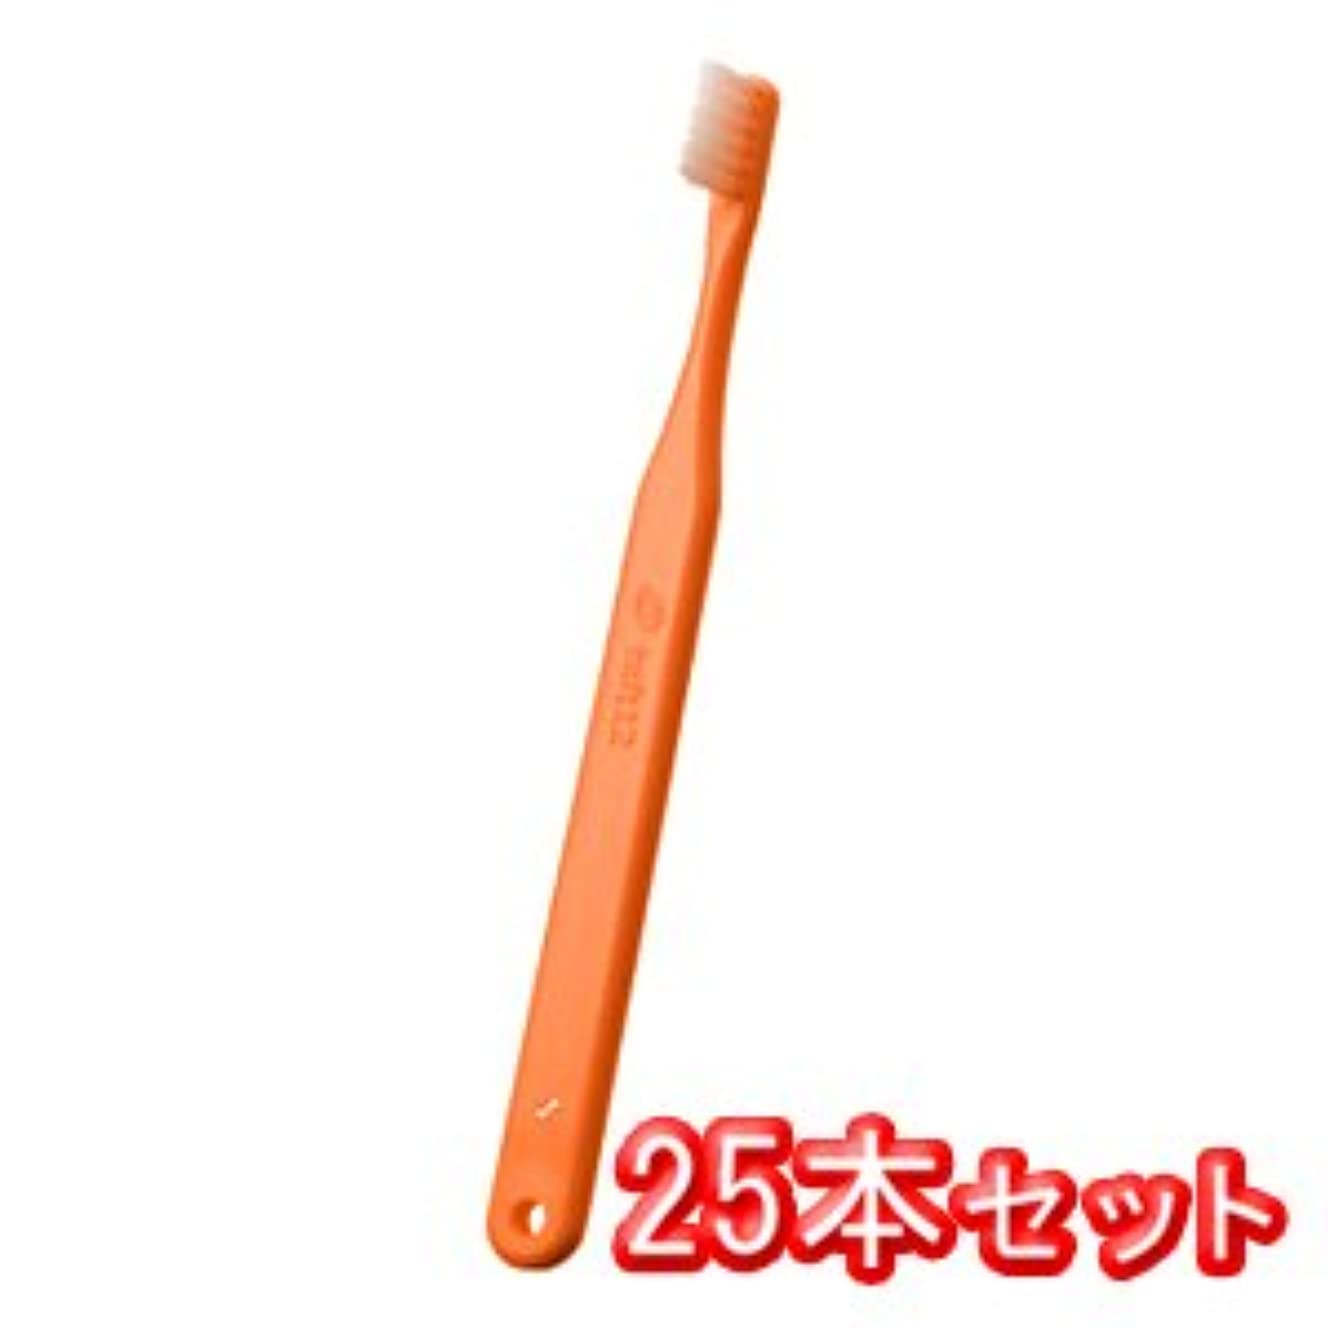 非難リングバック呼び出すオーラルケア タフト12 歯ブラシ 25本入 ソフト S オレンジ